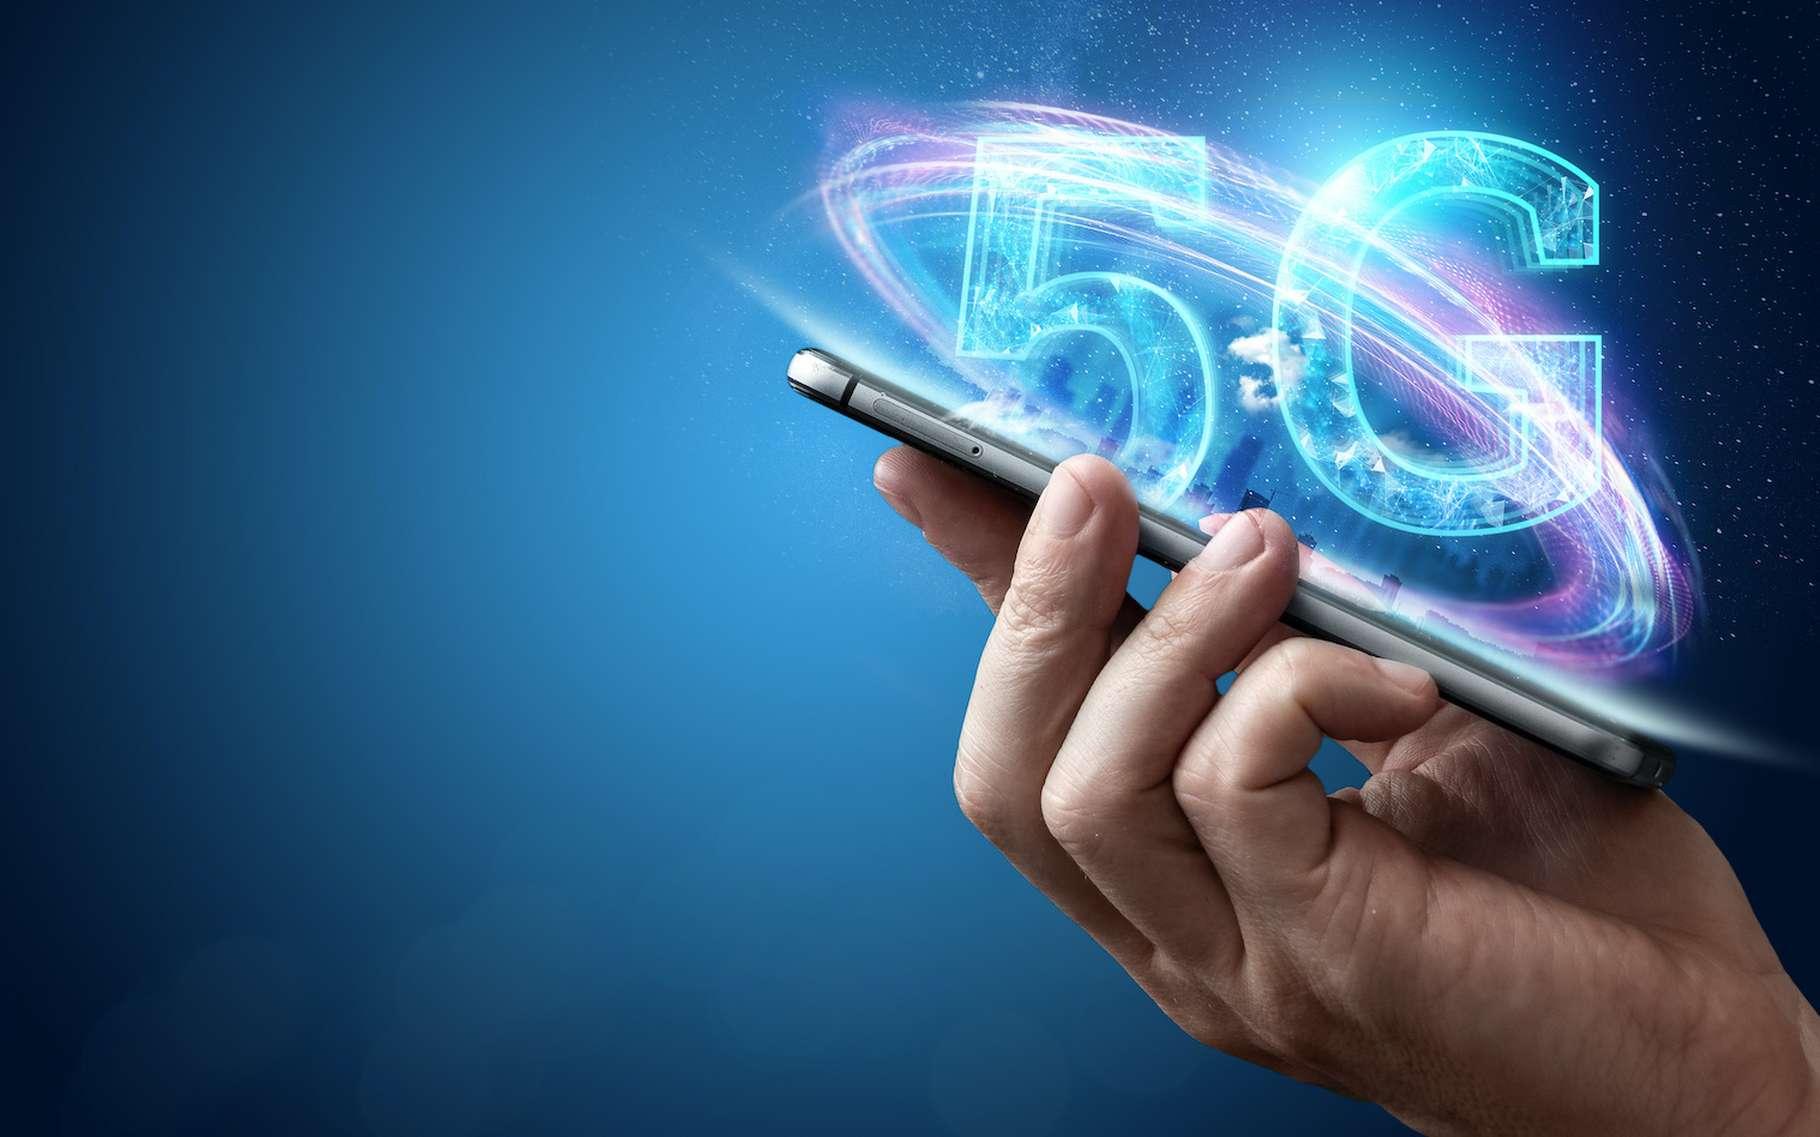 Des questions se posent quant aux effets sur la santé des rayonnements émis par les antennes du réseau 5G. Des chercheurs apportent quelques réponses. © markoaliaksandr, Adobe Stock